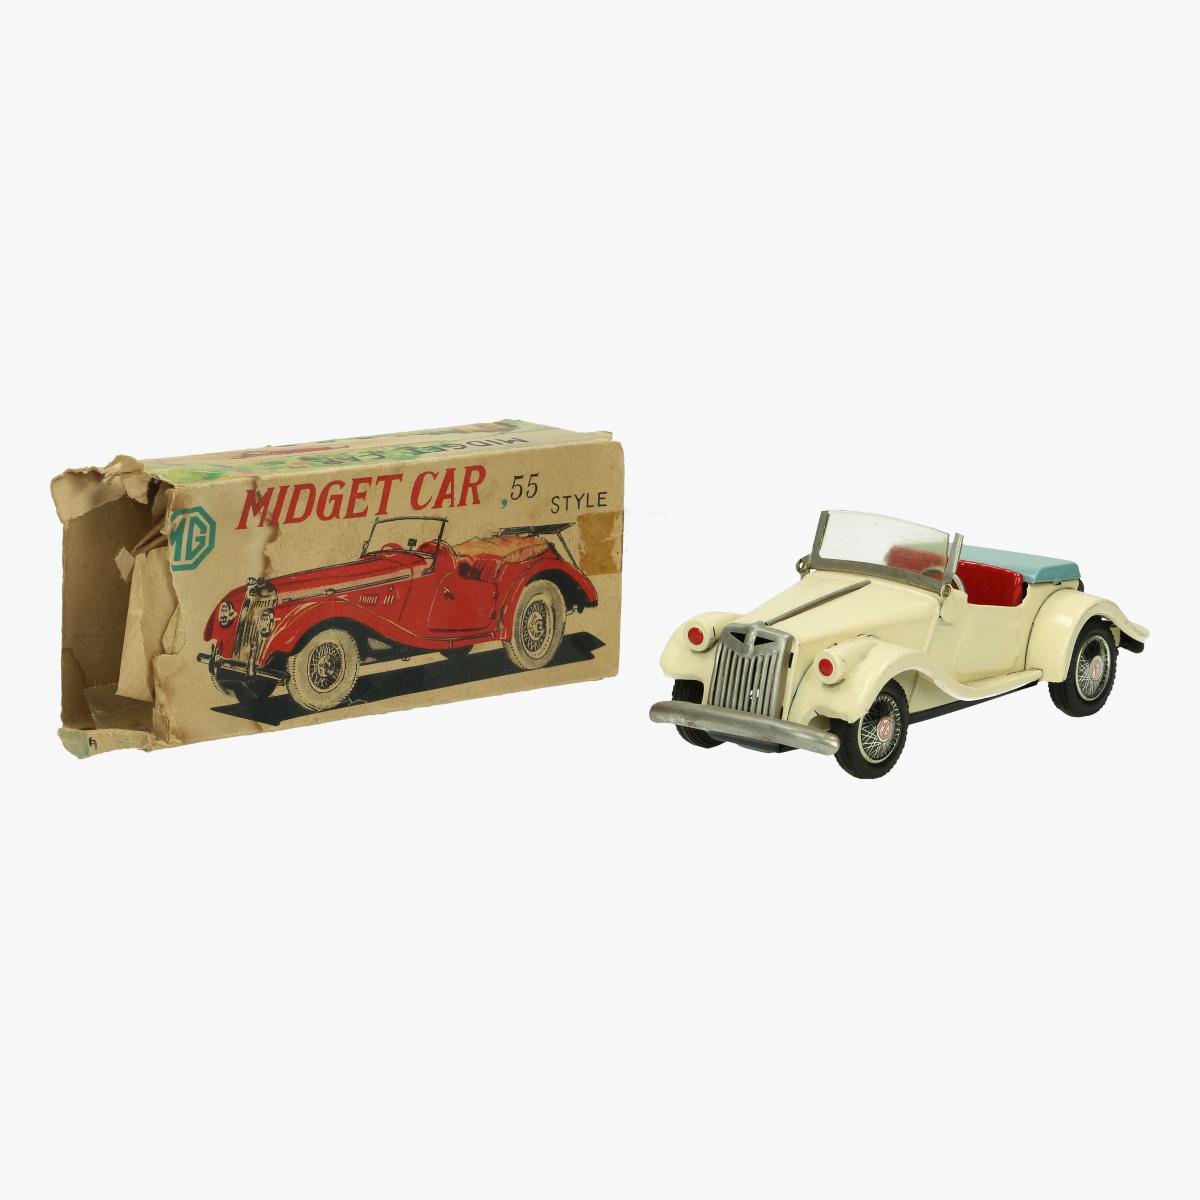 Afbeeldingen van midget car